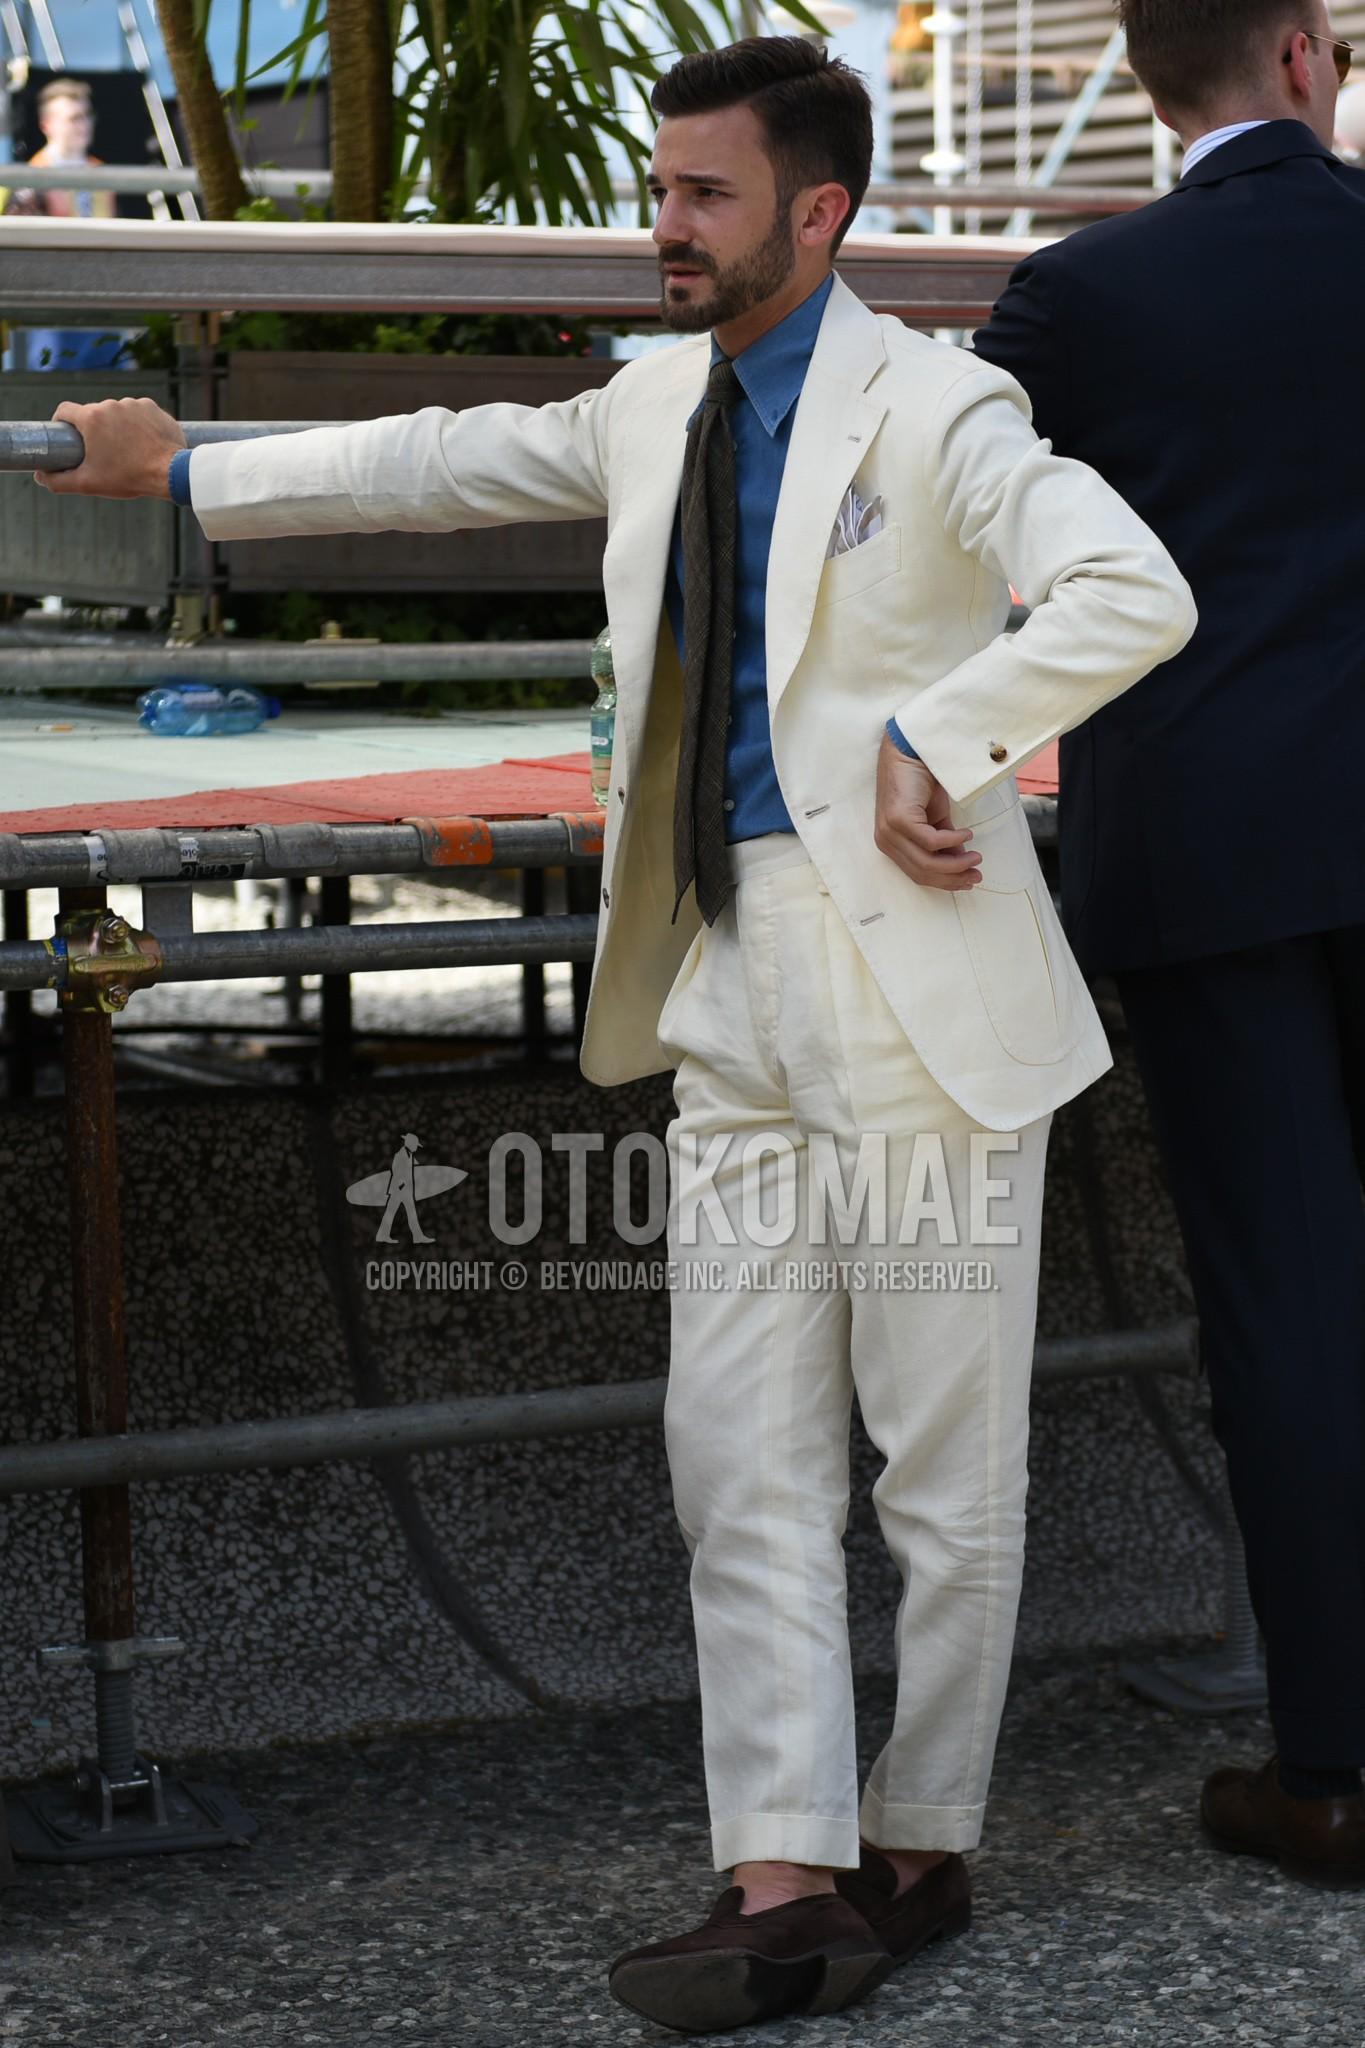 ブルー無地のデニム/シャンブレーシャツ、ブラウンローファーの革靴、白無地のスーツ、ダークグレー無地のネクタイを合わせた春夏秋のメンズコーデ・着こなし。